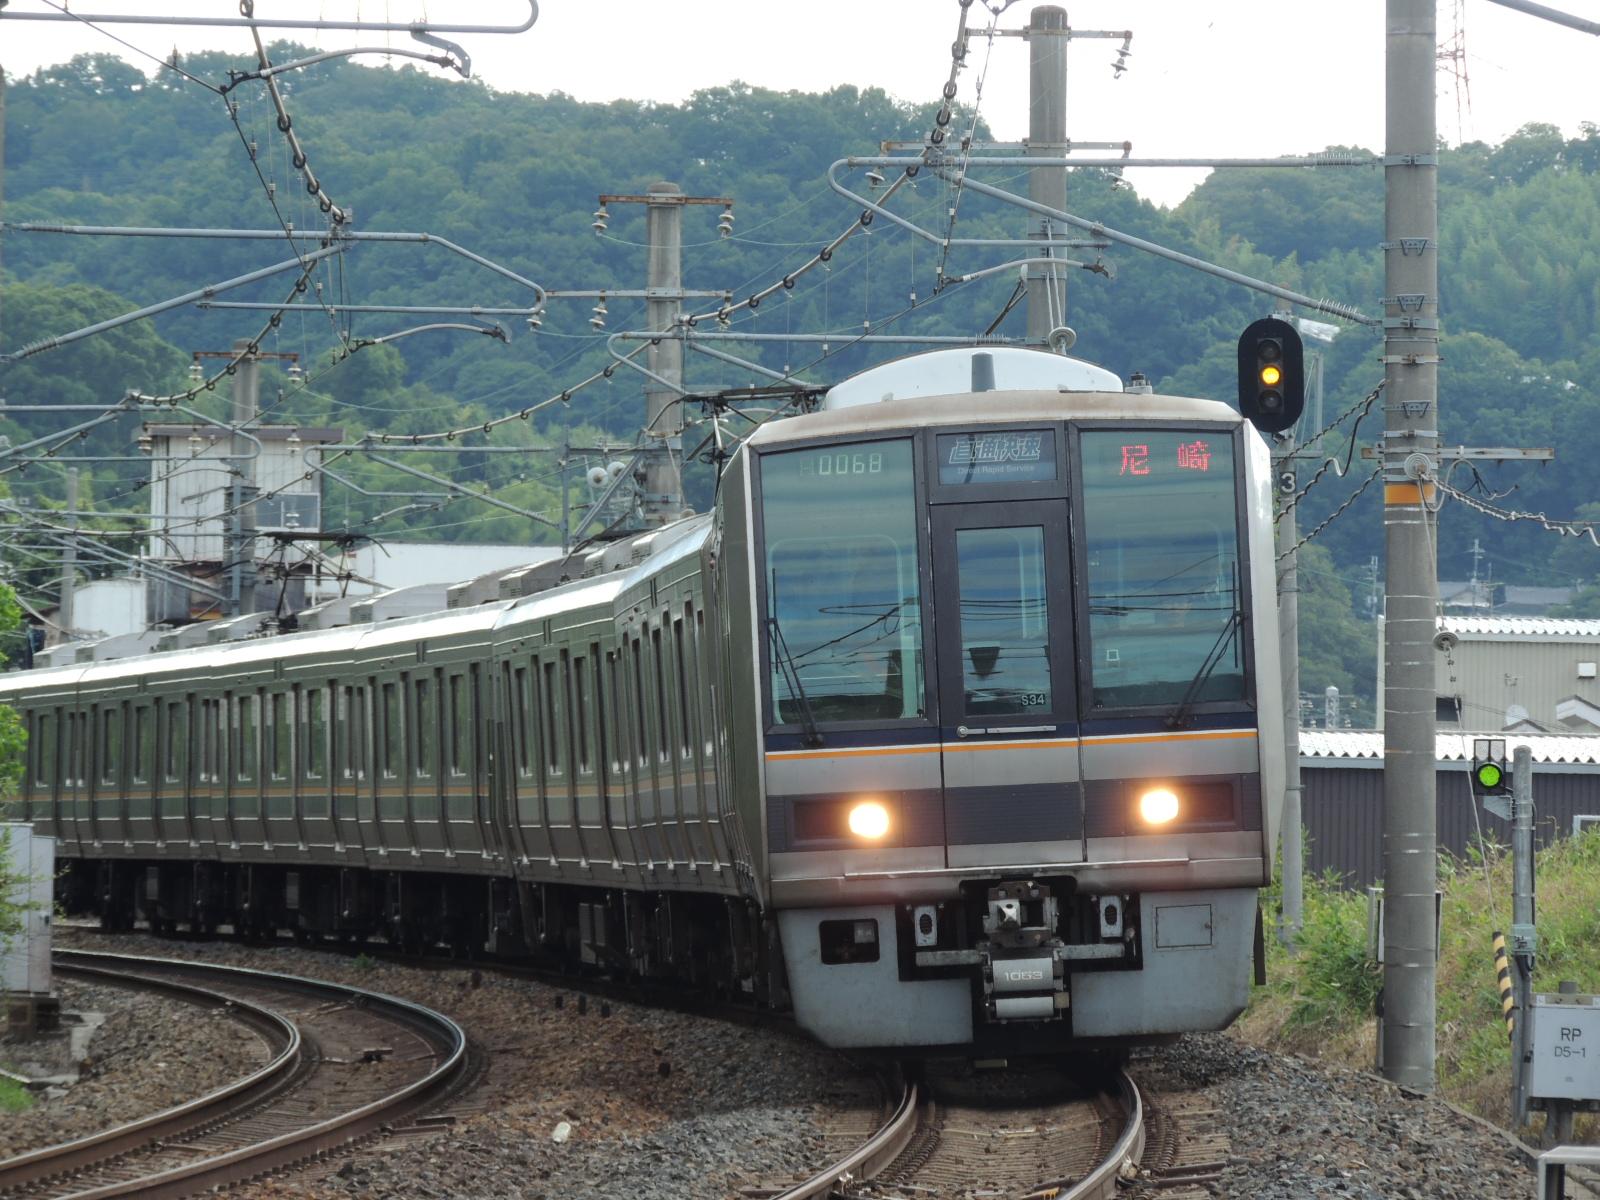 DSCN9325.jpg